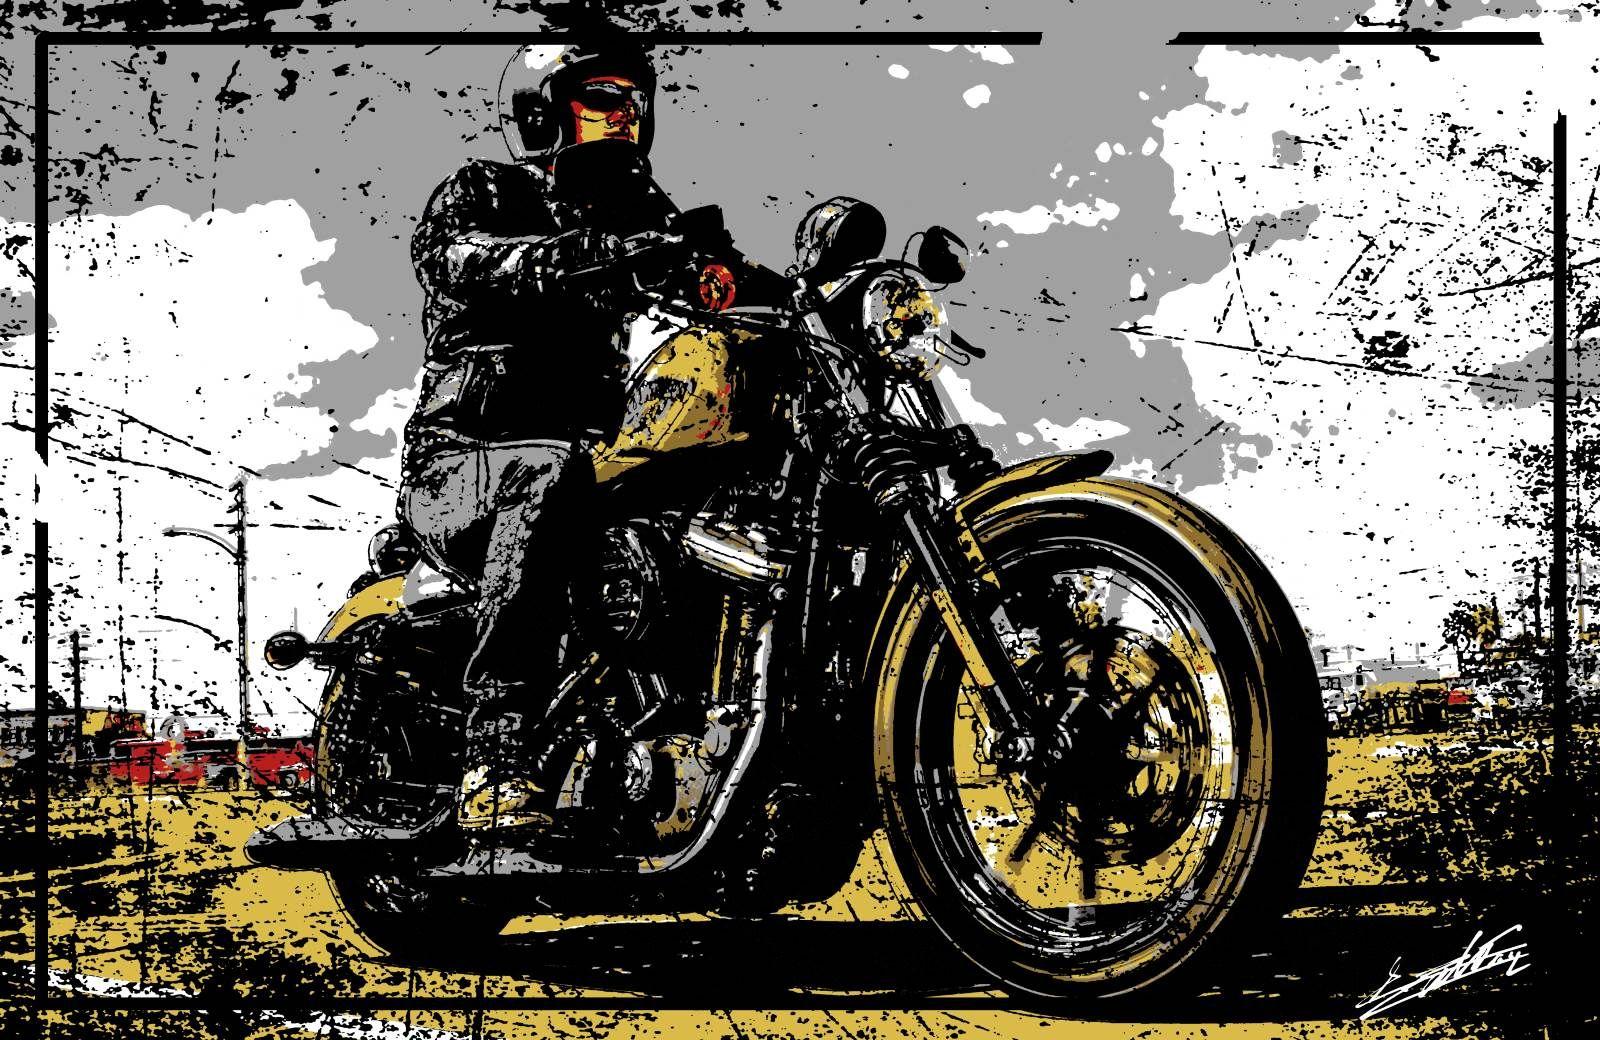 166 Best Images About Harley Davidson On Pinterest: Tableau Peinture Acrylique Moderne Pop Art Moto Harley